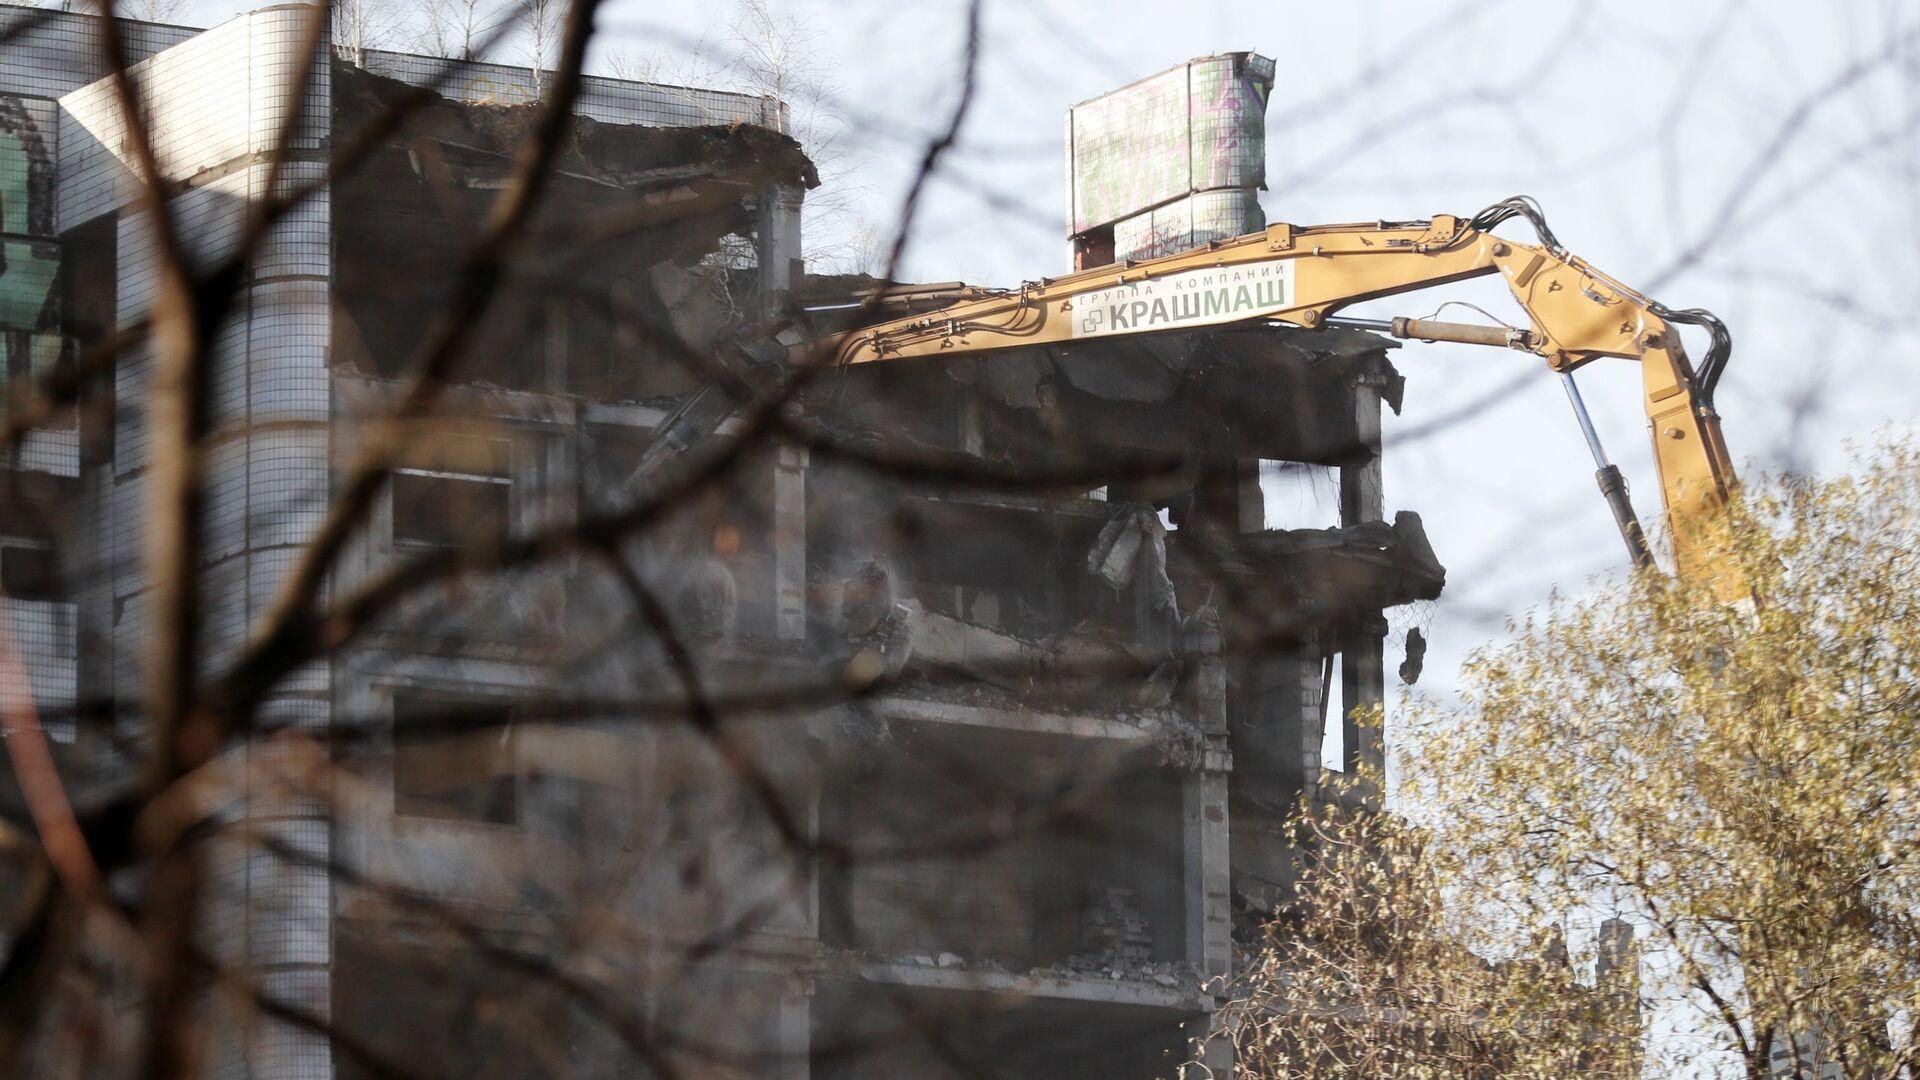 Снос недостроенного здания больницы на Клинской улице в Москве. 6 ноября 2018  - РИА Новости, 1920, 27.09.2021